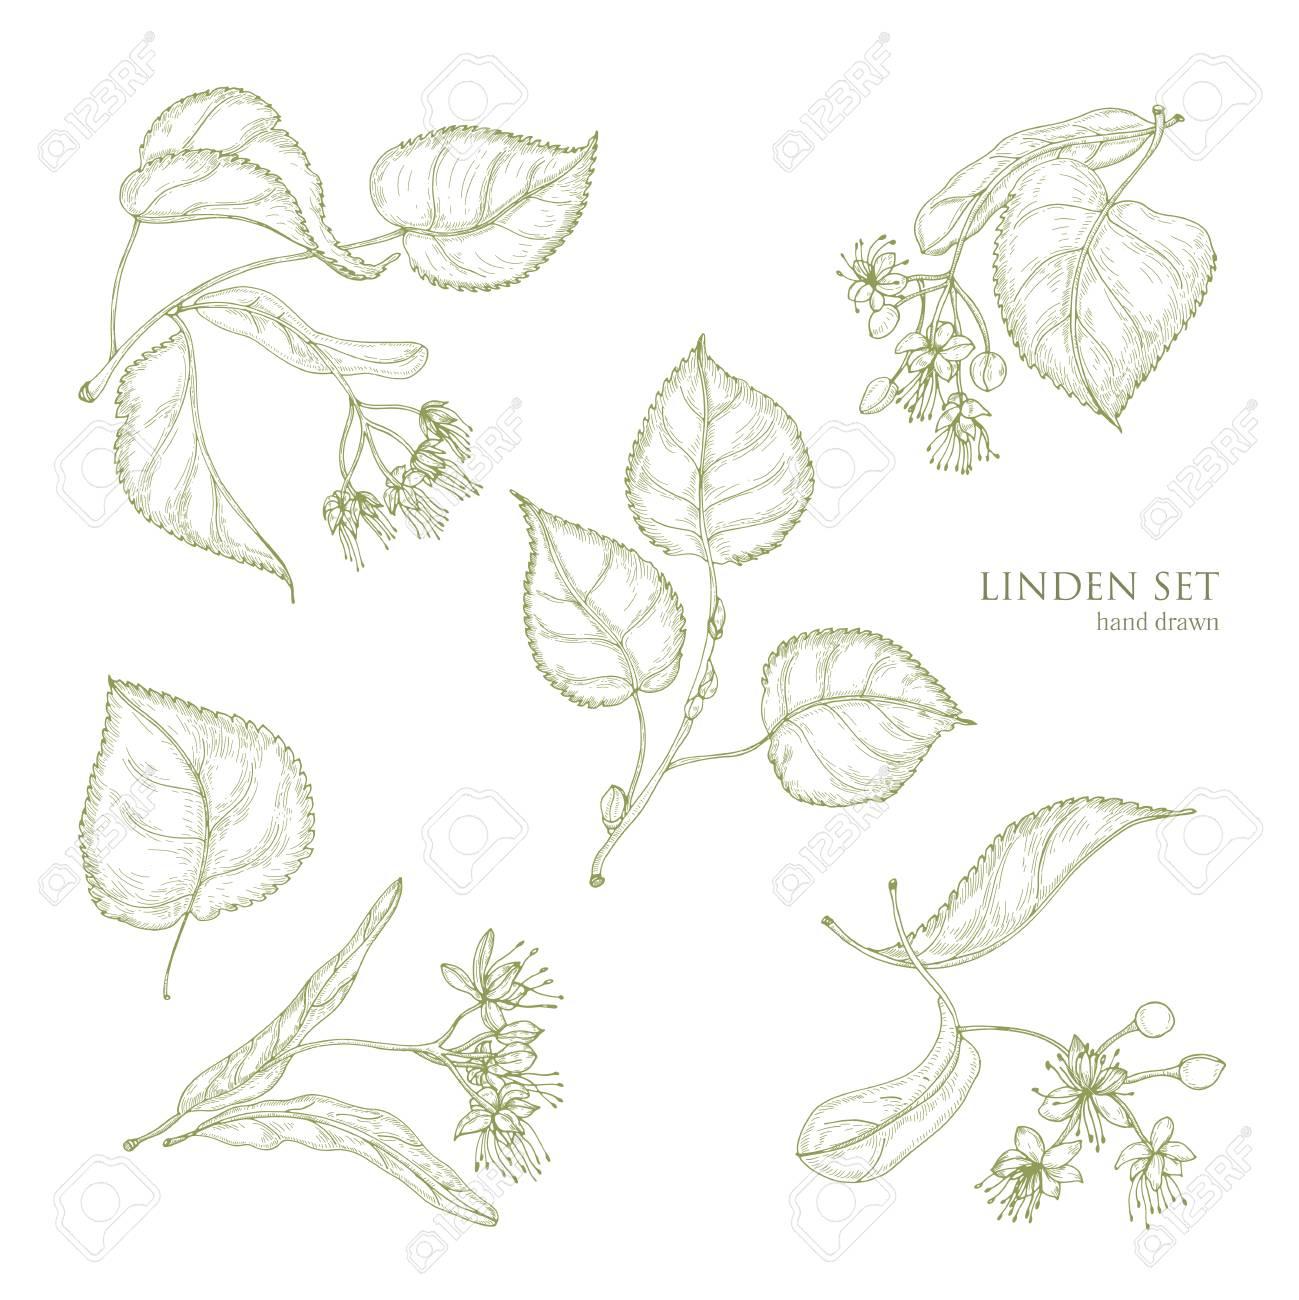 dessins naturels realistes de feuilles de tilleul et de belles fleurs tendres parties de la main d arbre fleuri dessines avec des lignes de contour